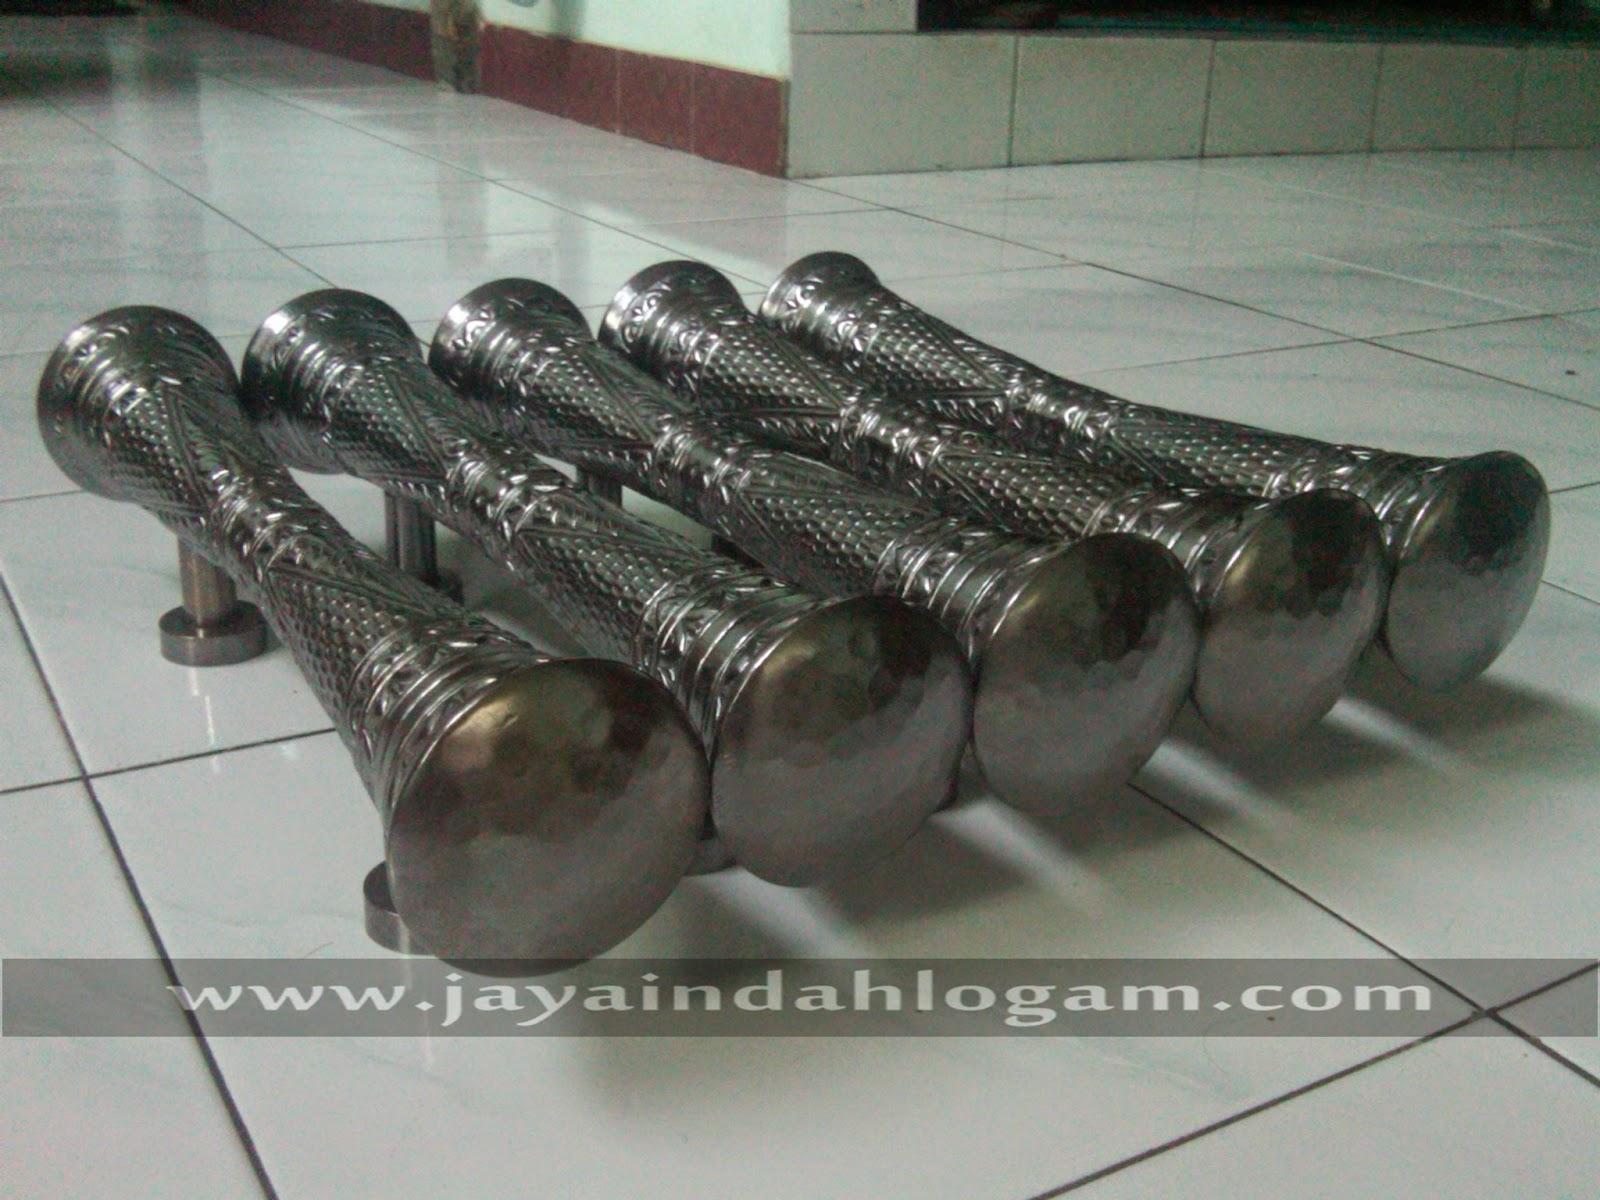 http://www.jayaindahlogam.com/2014/08/kerajinan-handle-pintu-dari-tembaga.html